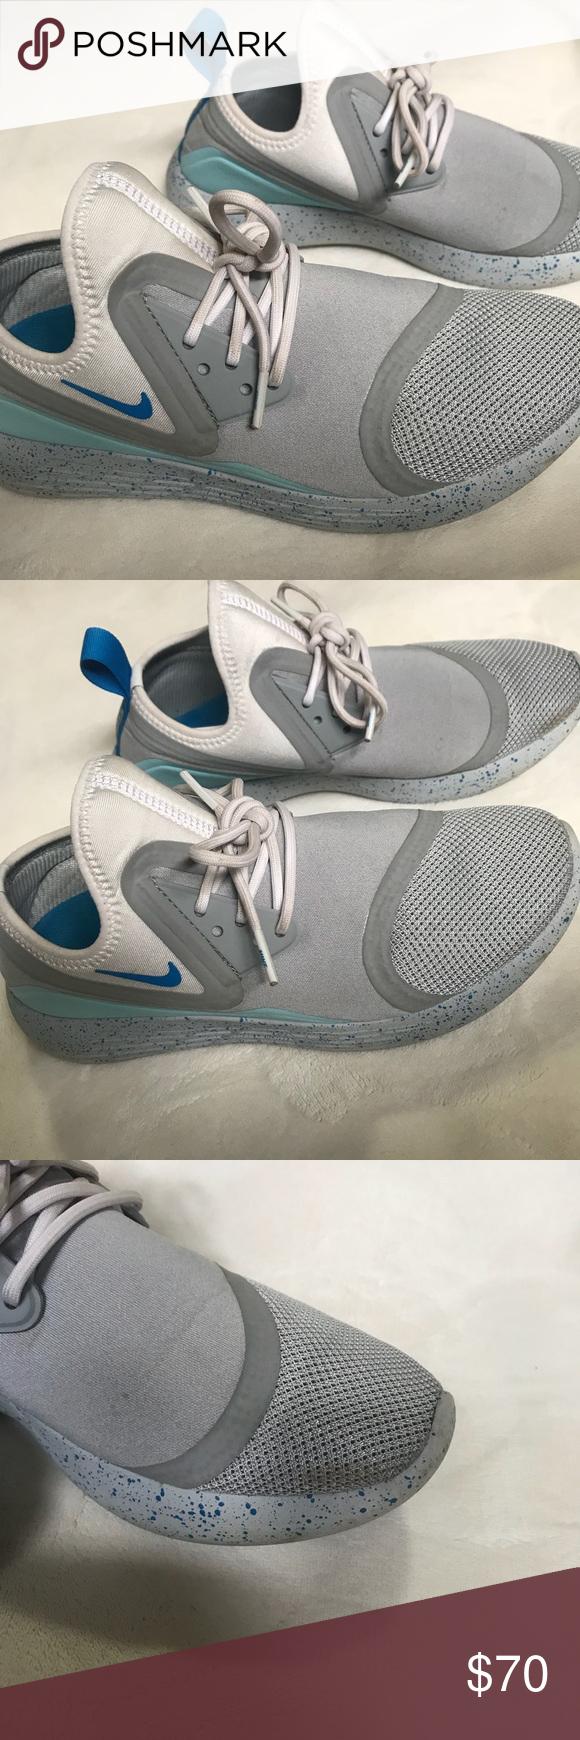 Nike Lunarcharge Esencial Super Cómodos!Cute Zapatos Cómodos!Cute Super I c7587c